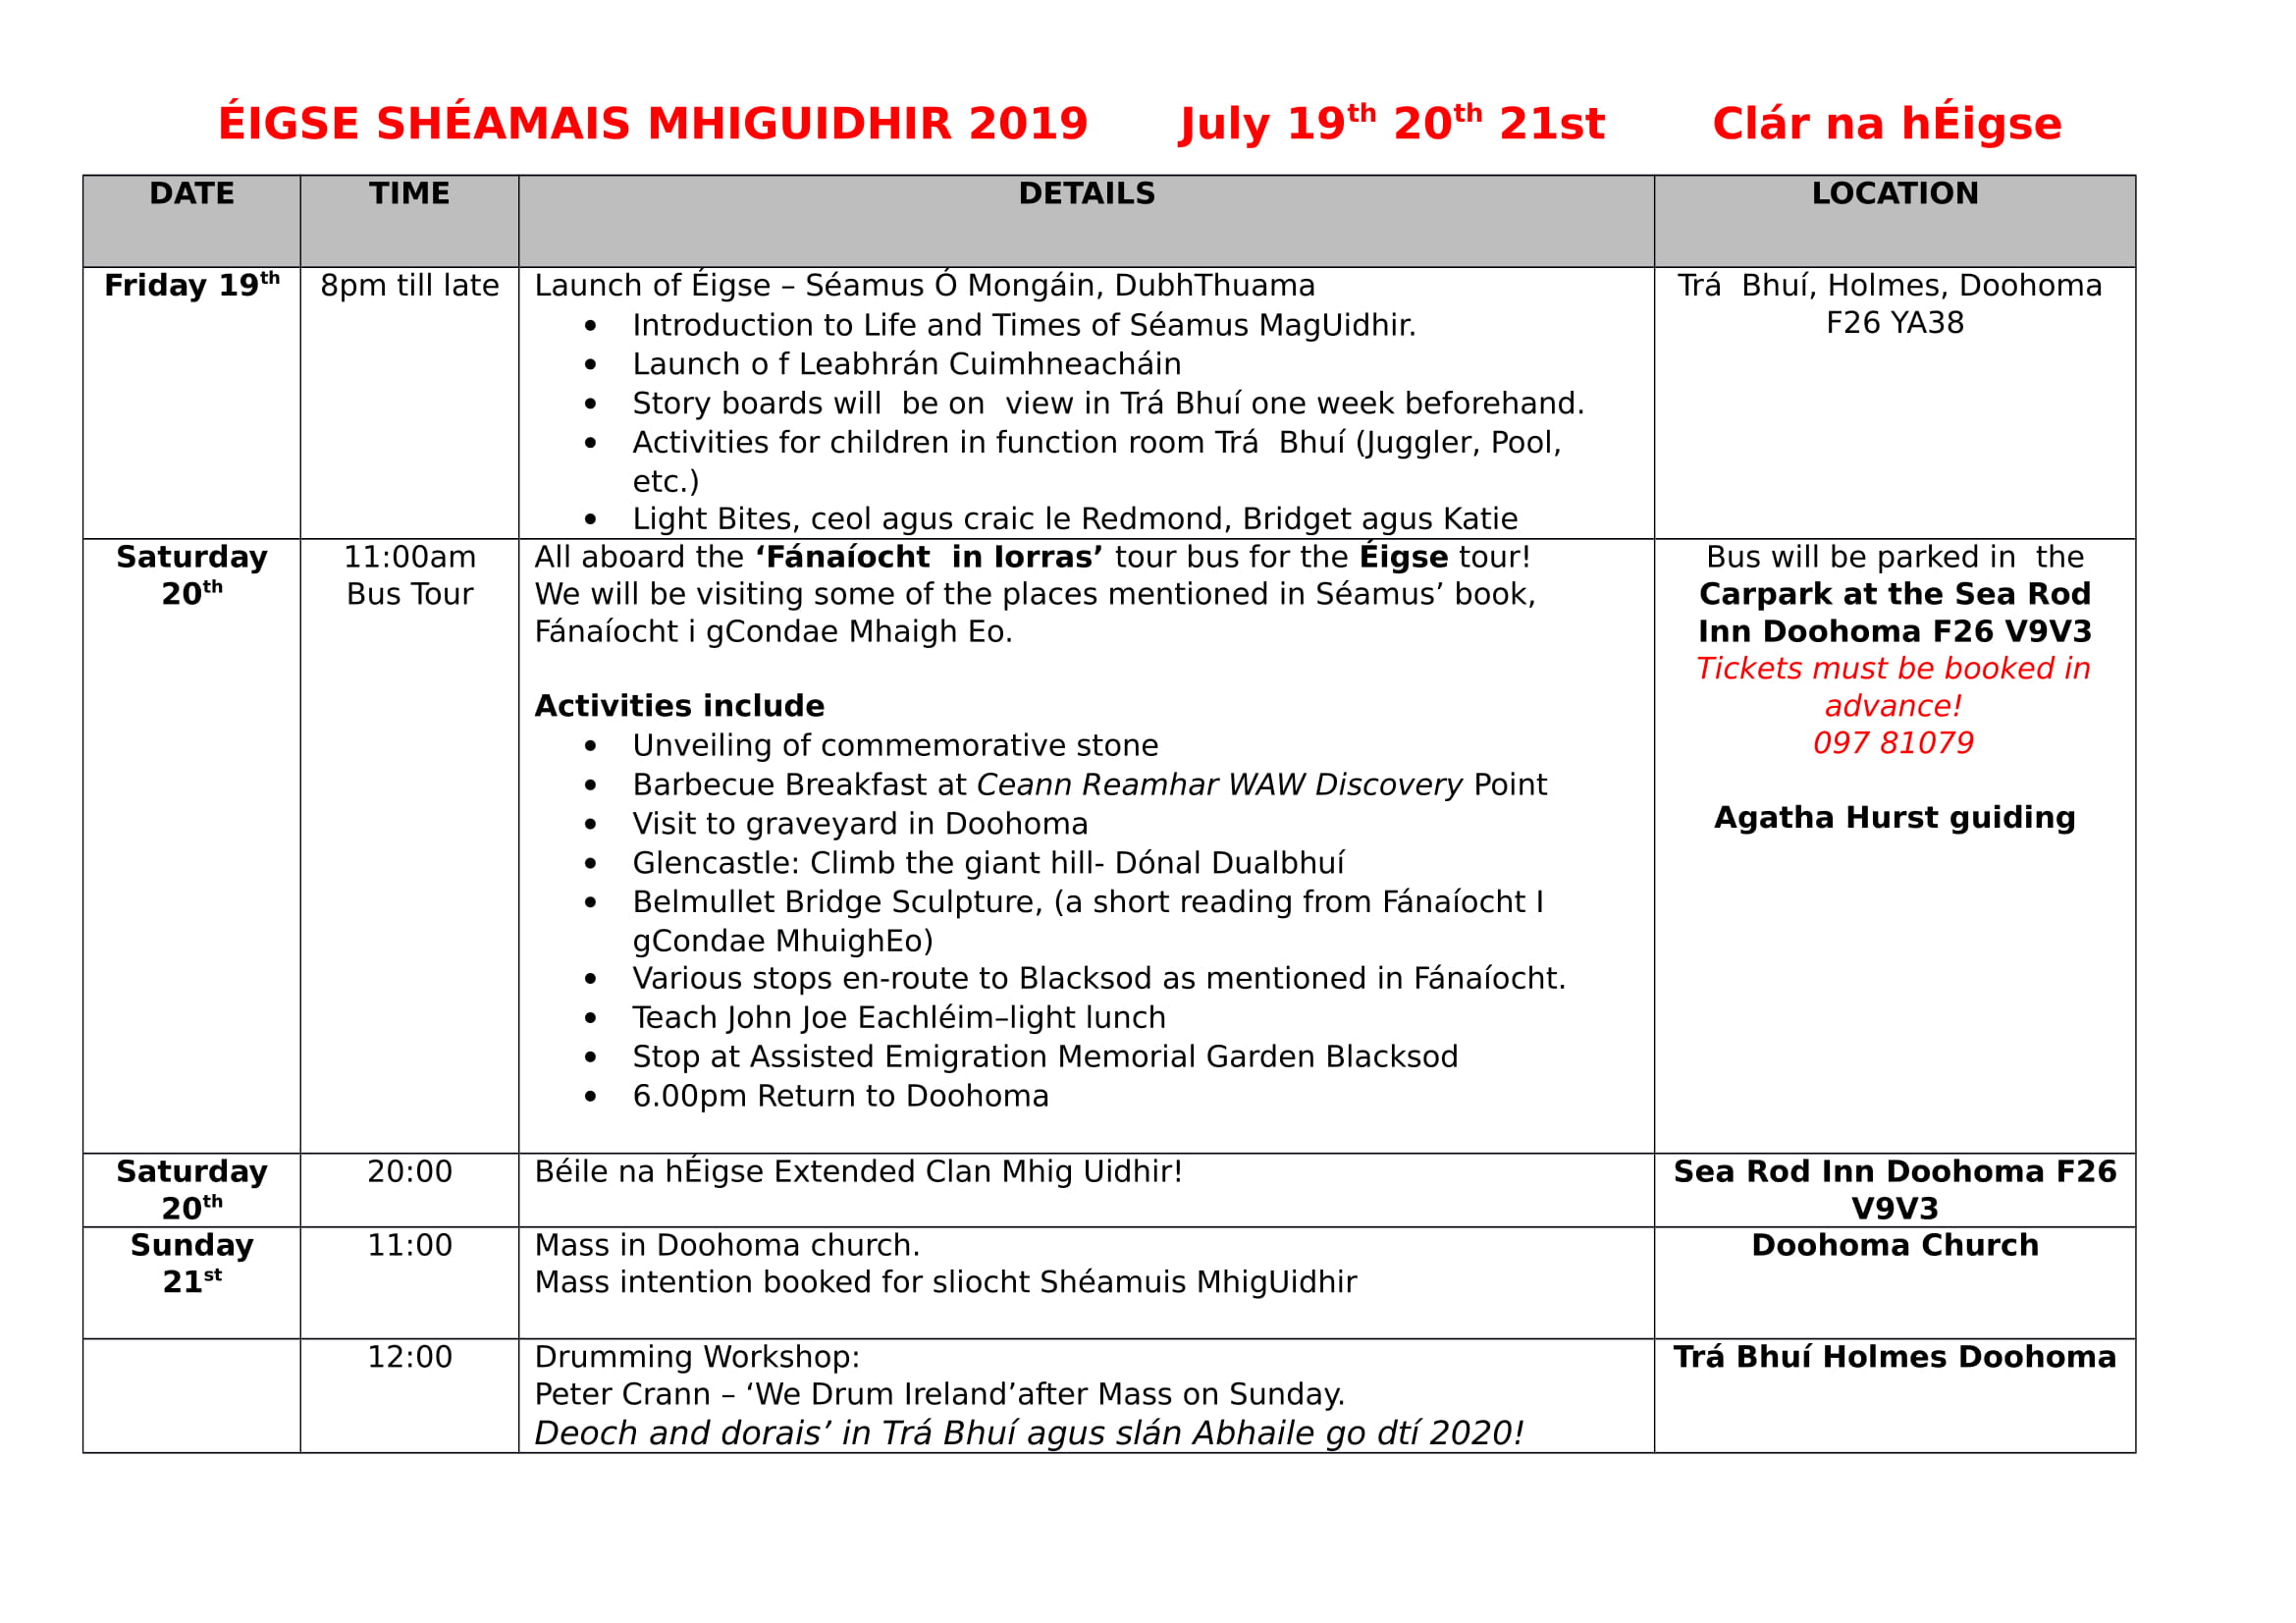 Imeachtaí Éigse Shéamuis MhigUidhir 2019 Timetable of events.docx 2-1.jpg